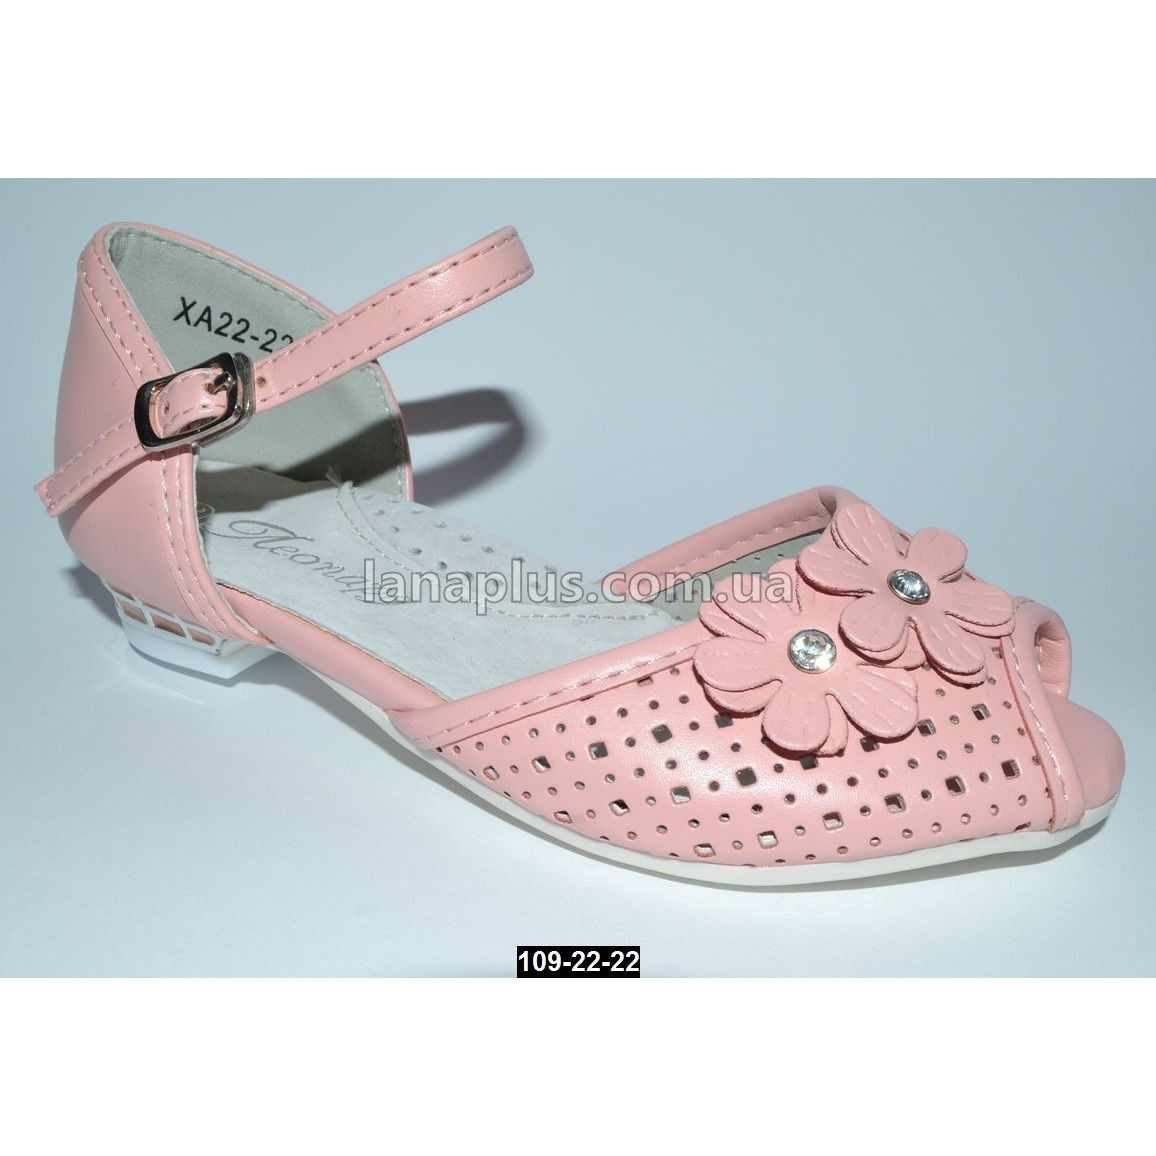 Нарядные босоножки, туфли для девочки, 29 размер (19.2 см), супинатор, кожаная стелька, 109-22-22